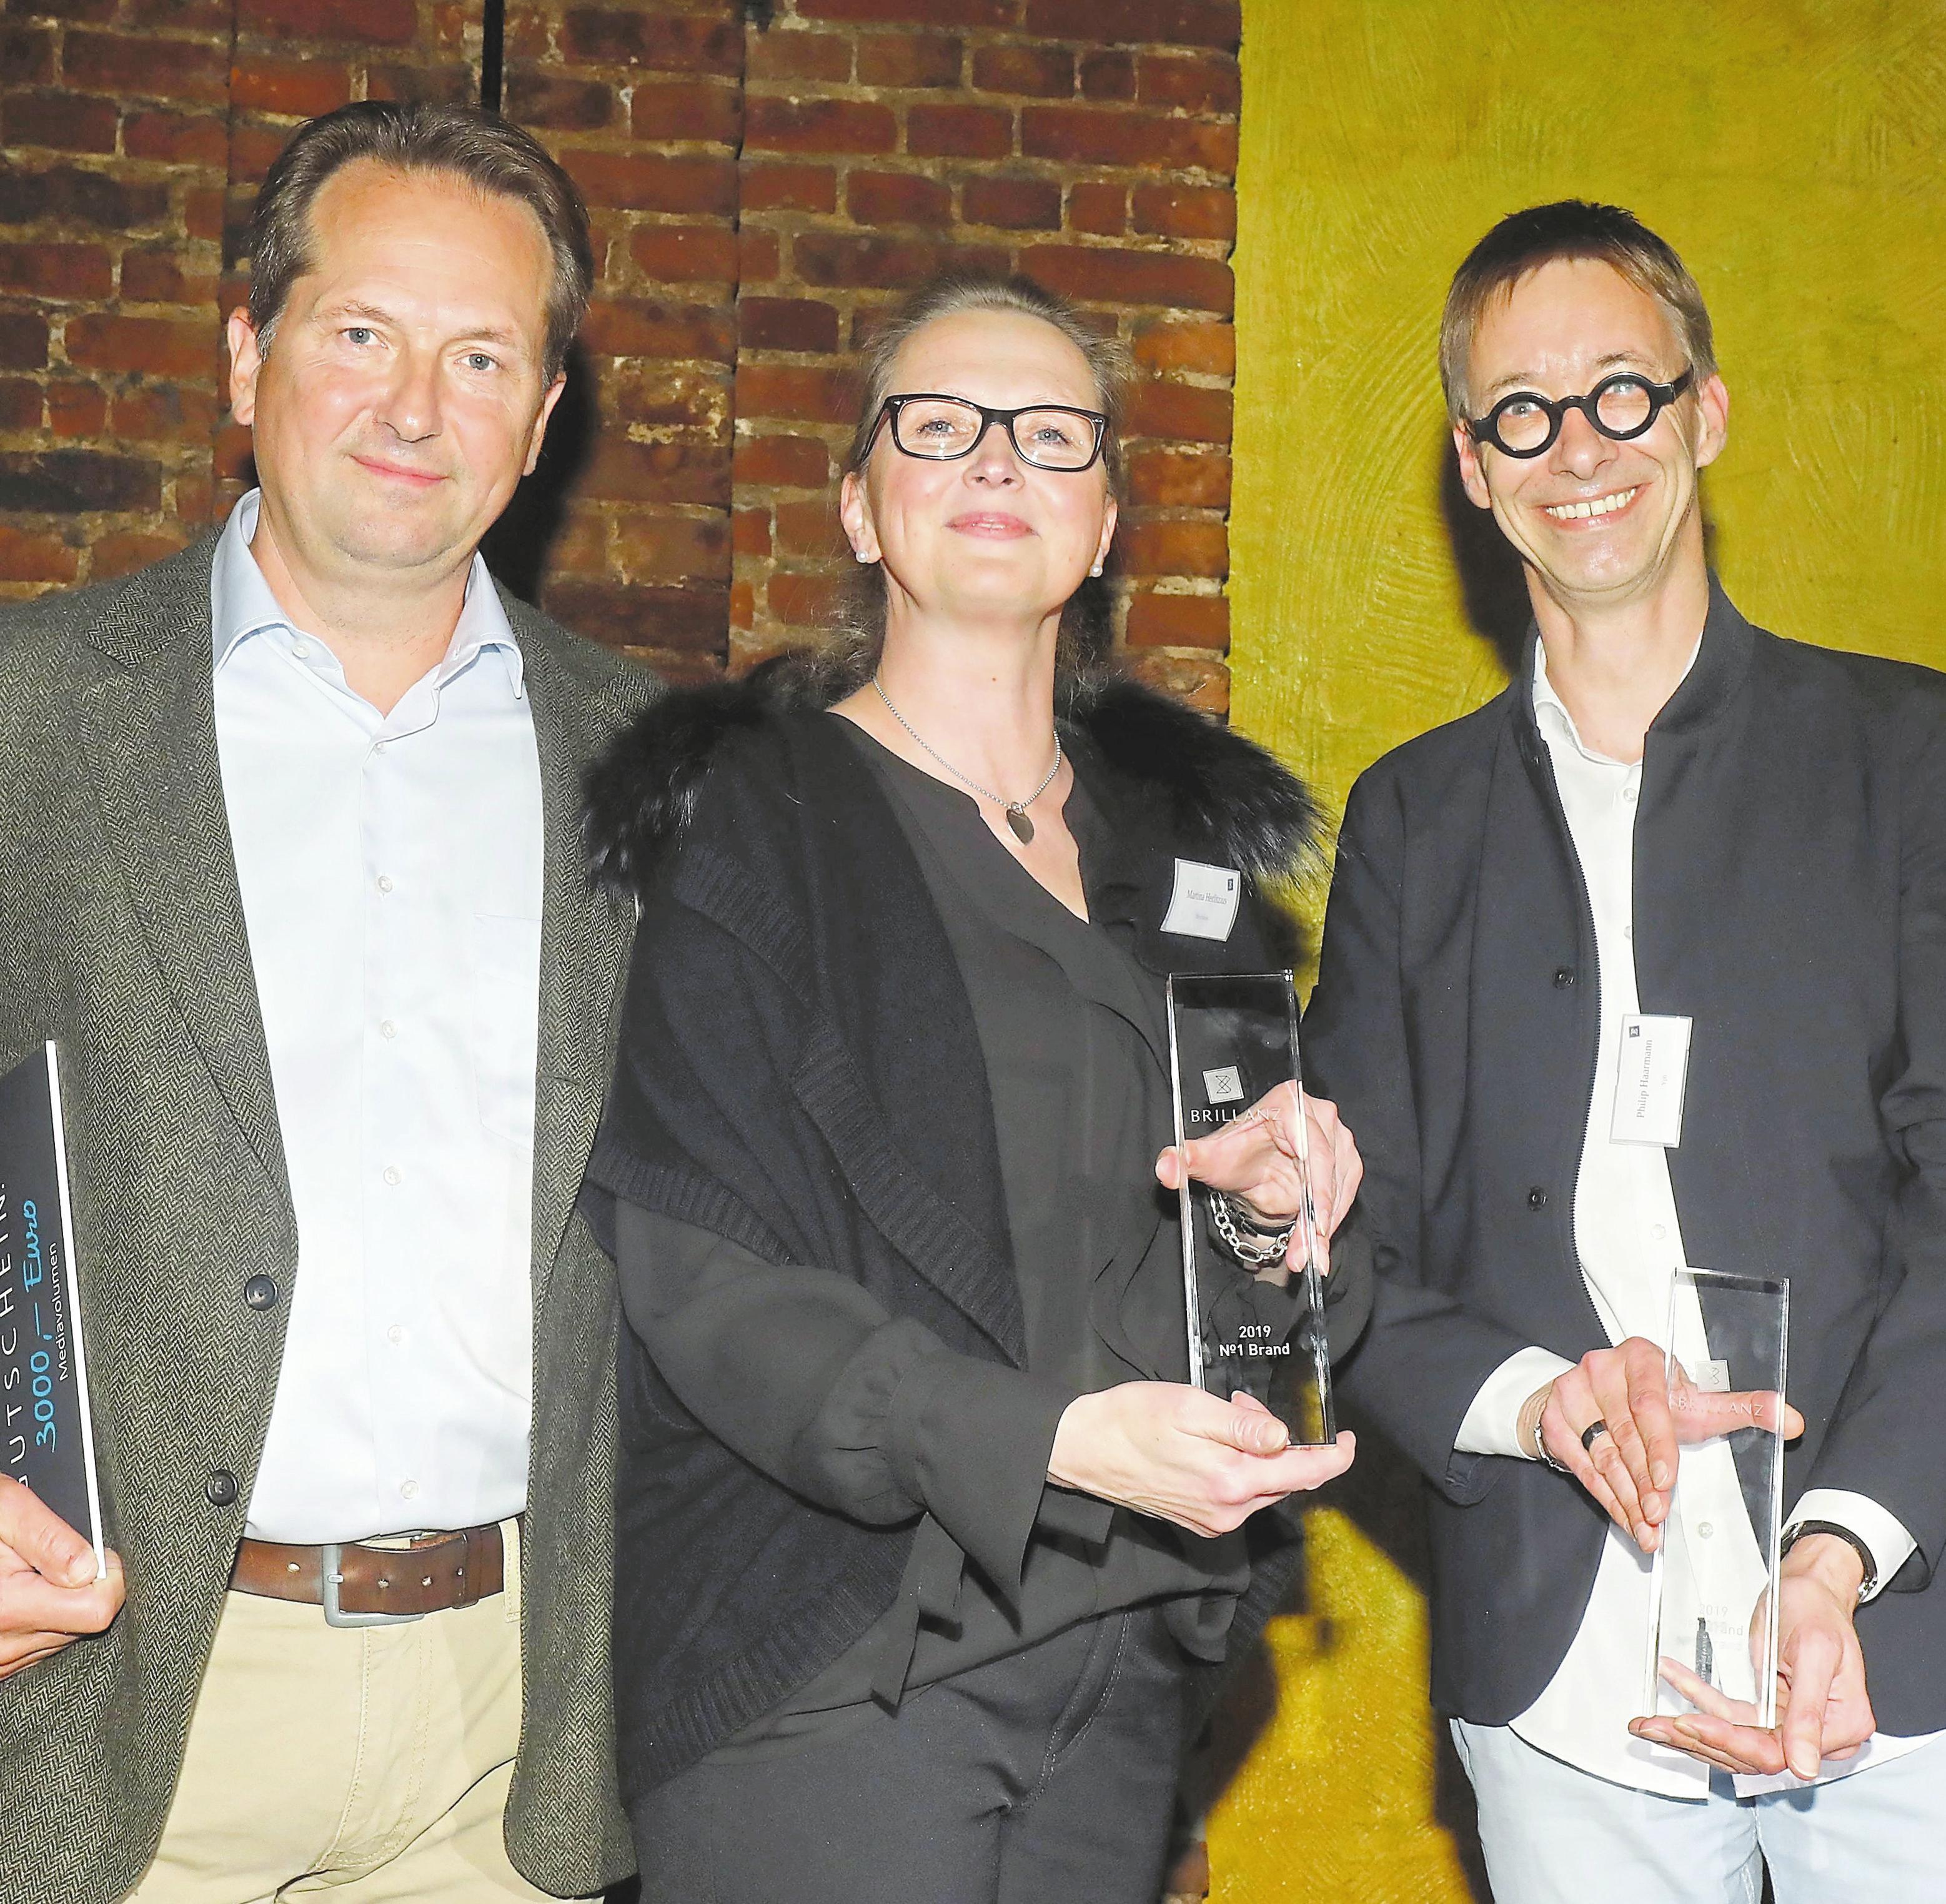 Zwei Priese gab es für die Agentur Freundeskreis mit dem Kunden Leusbrock Pflege GmbH (Foto oben) sowie Elektro Heikes (unten). Matthias Ahlke